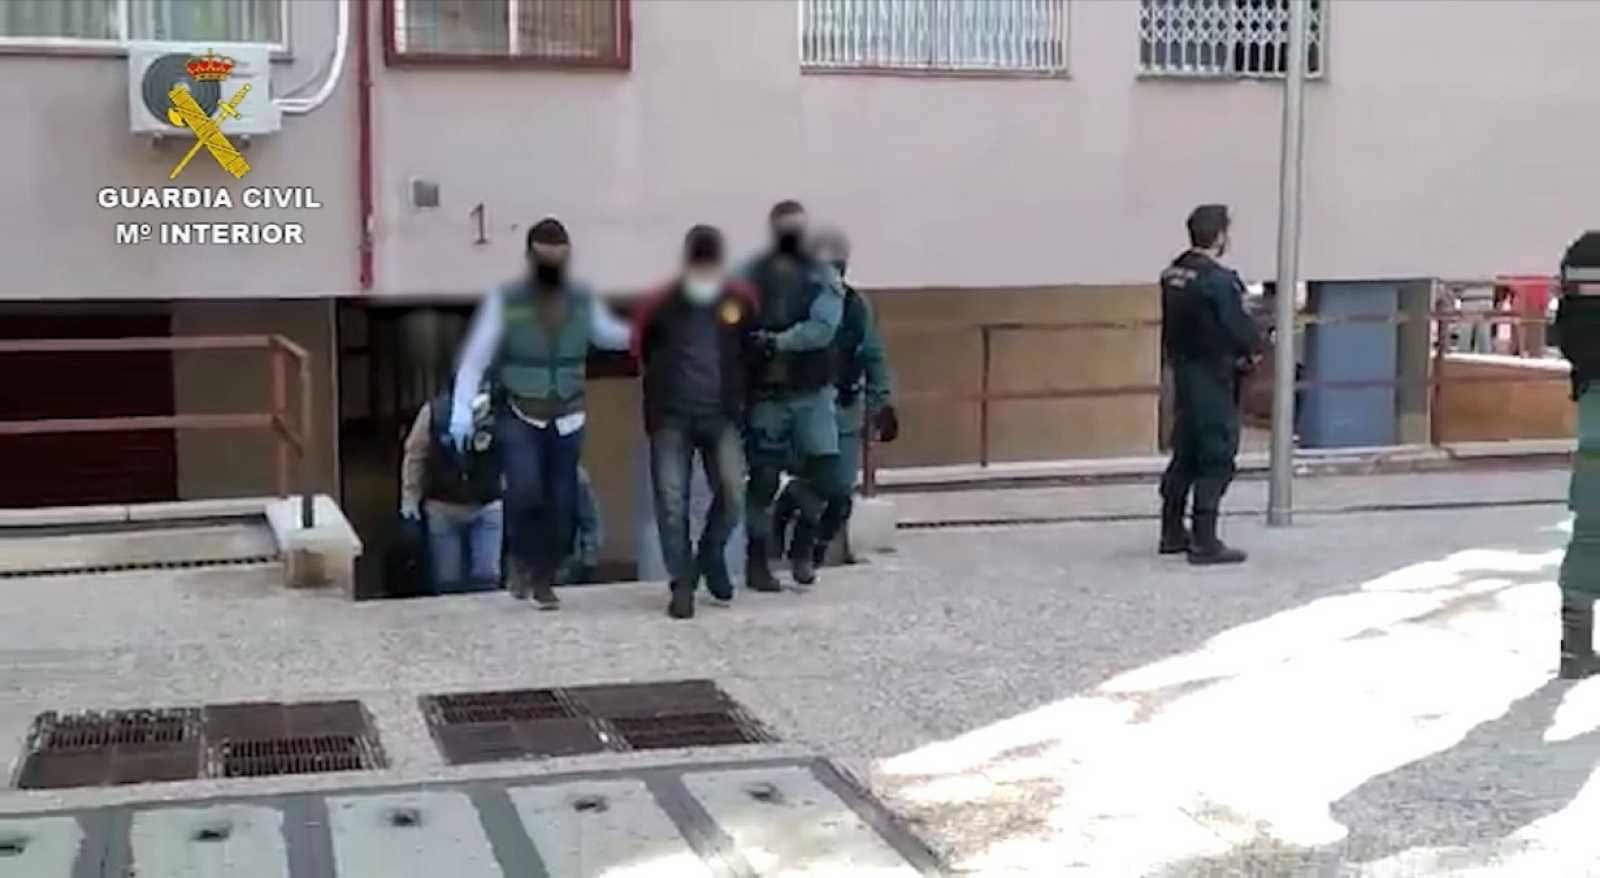 La Guardia Civil detiene a un presunto miembro de Daesh en Madrid